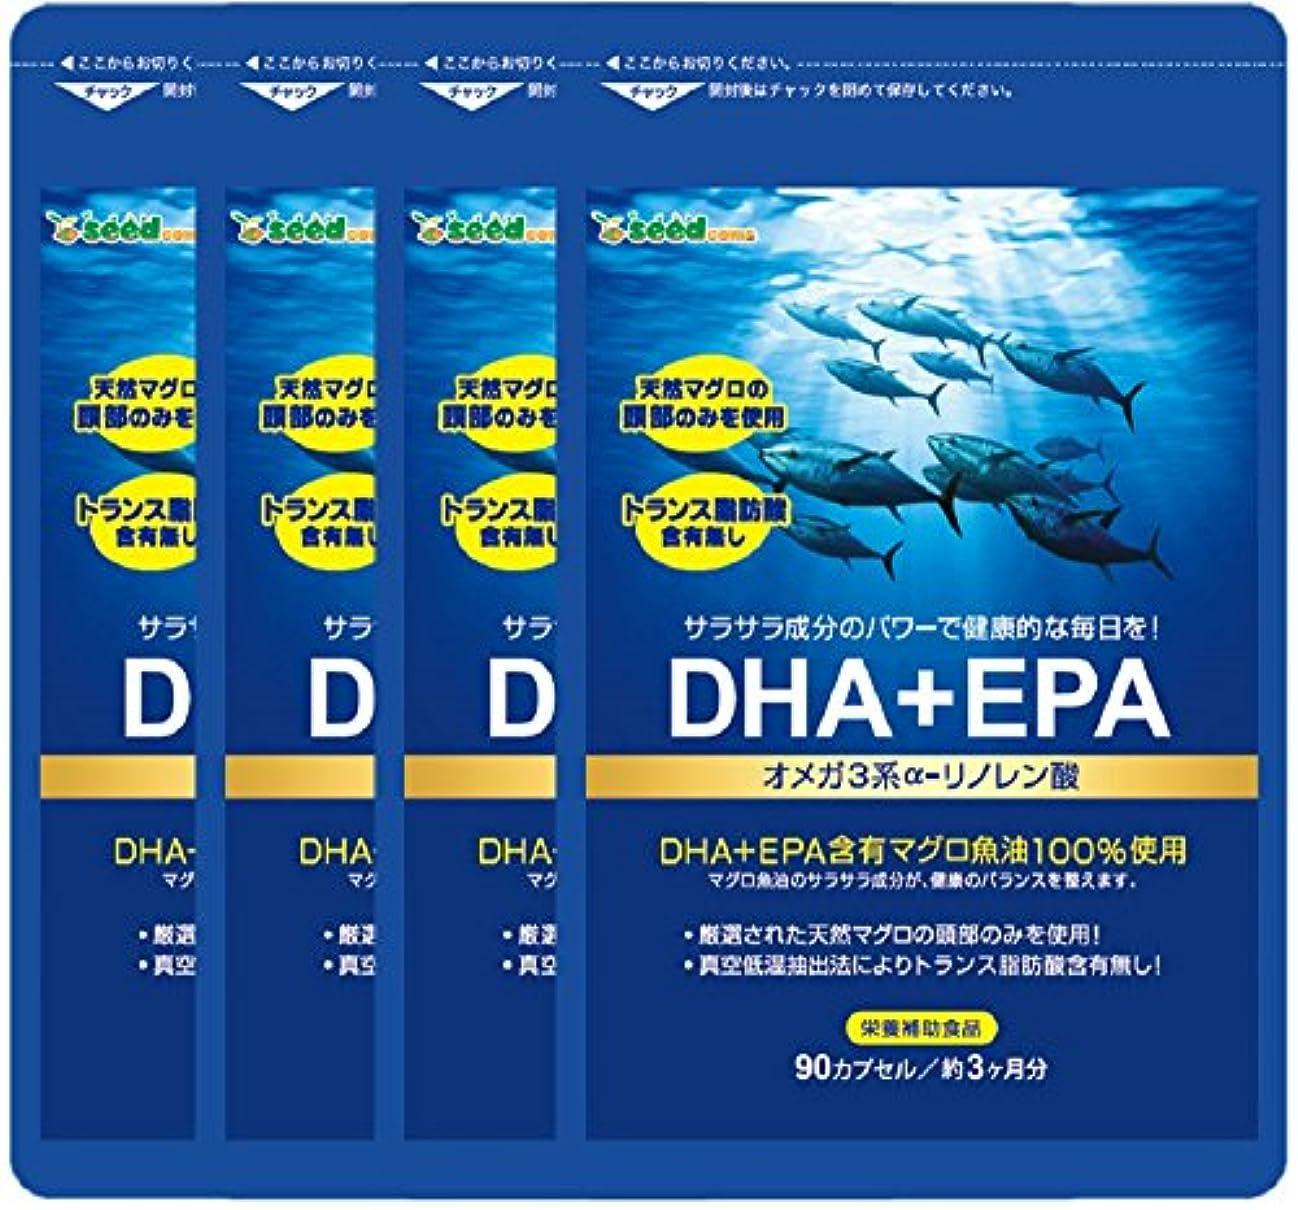 アドバイスすずめ変数【 seedcoms シードコムス 公式 】DHA + EPA 約12ヶ月分/360粒 ビンチョウマグロの頭部のみを贅沢に使用!トランス脂肪酸0㎎